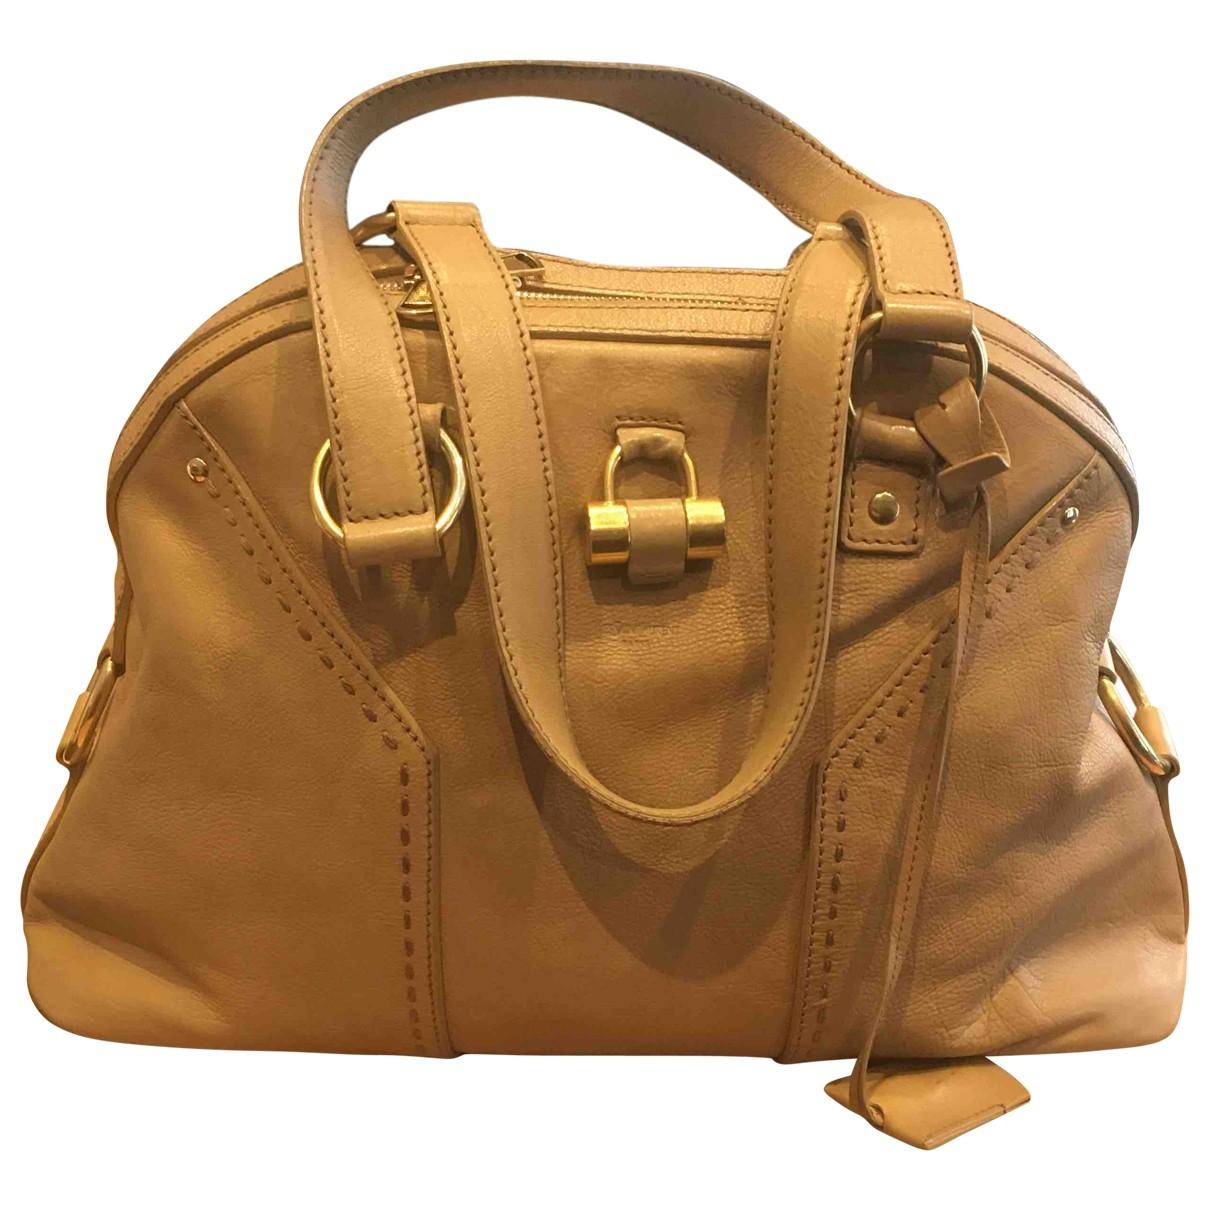 Yves Saint Laurent Muse Beige Leather handbag for Women \N